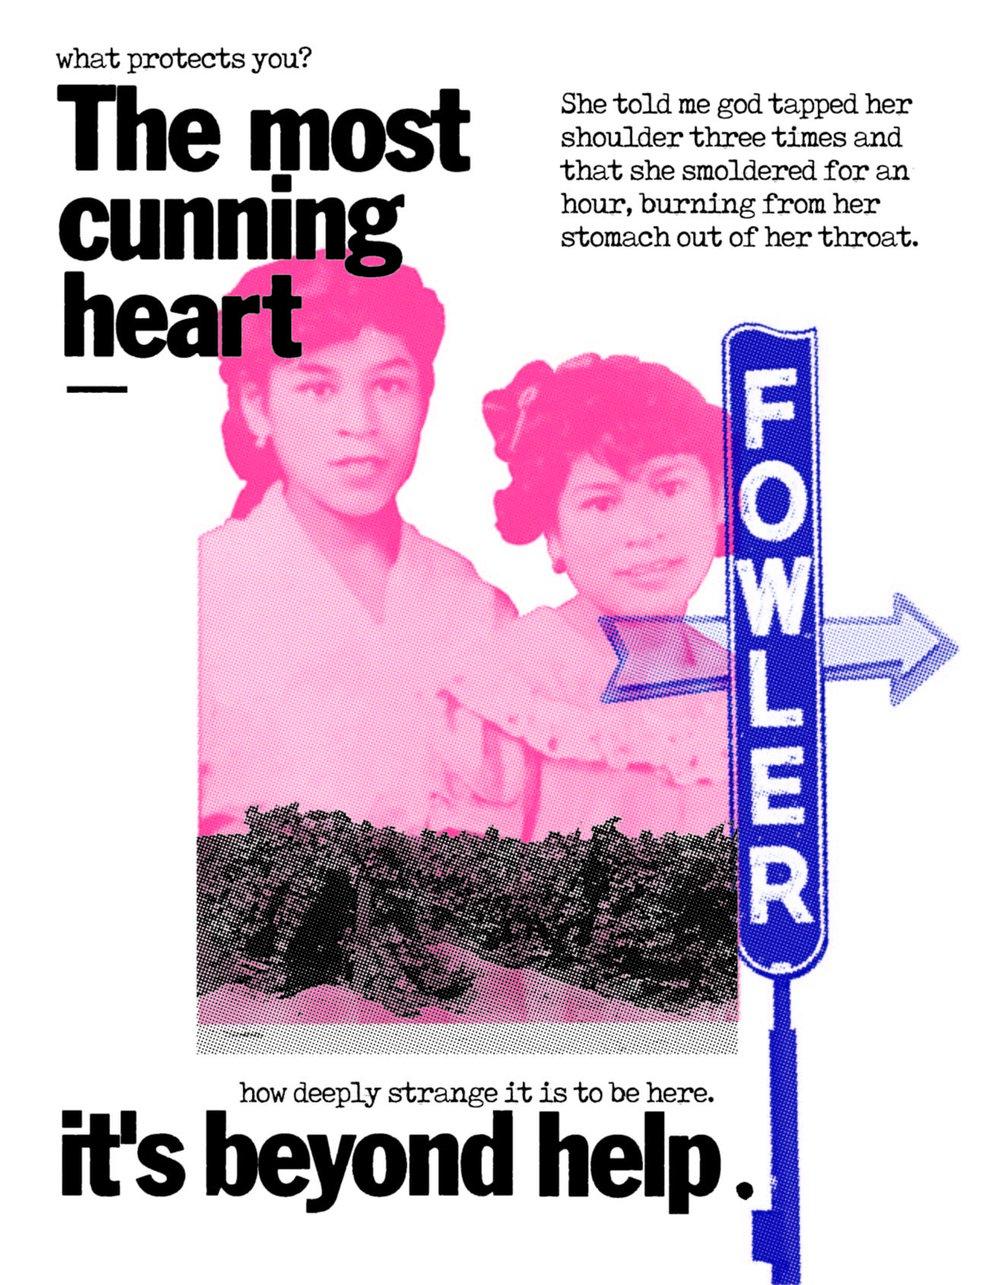 cunning-heart-01-01.jpg